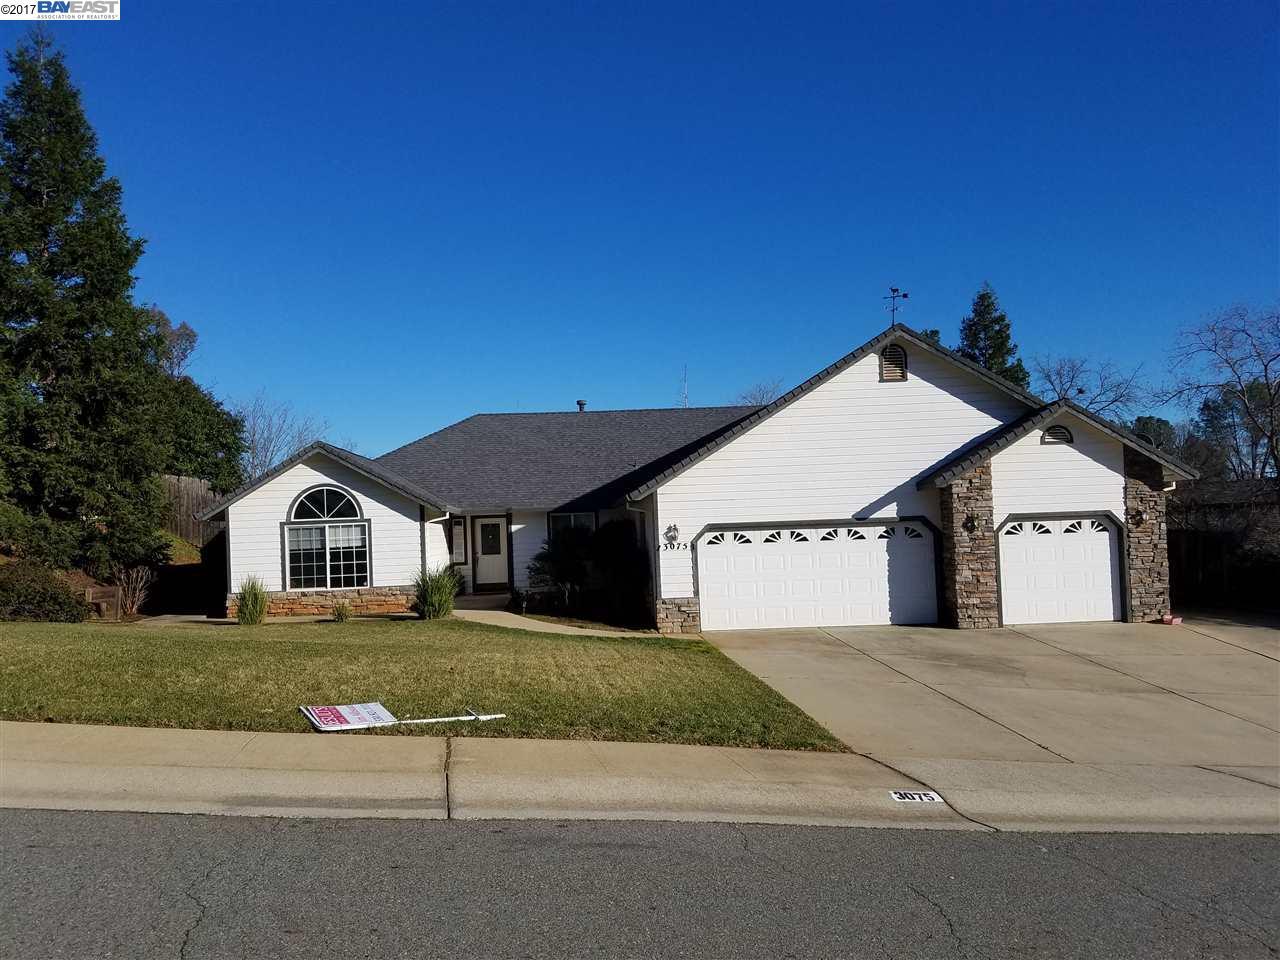 Maison unifamiliale pour l Vente à 3075 Butterfly Lane Shasta Lake, Californie 96019 États-Unis